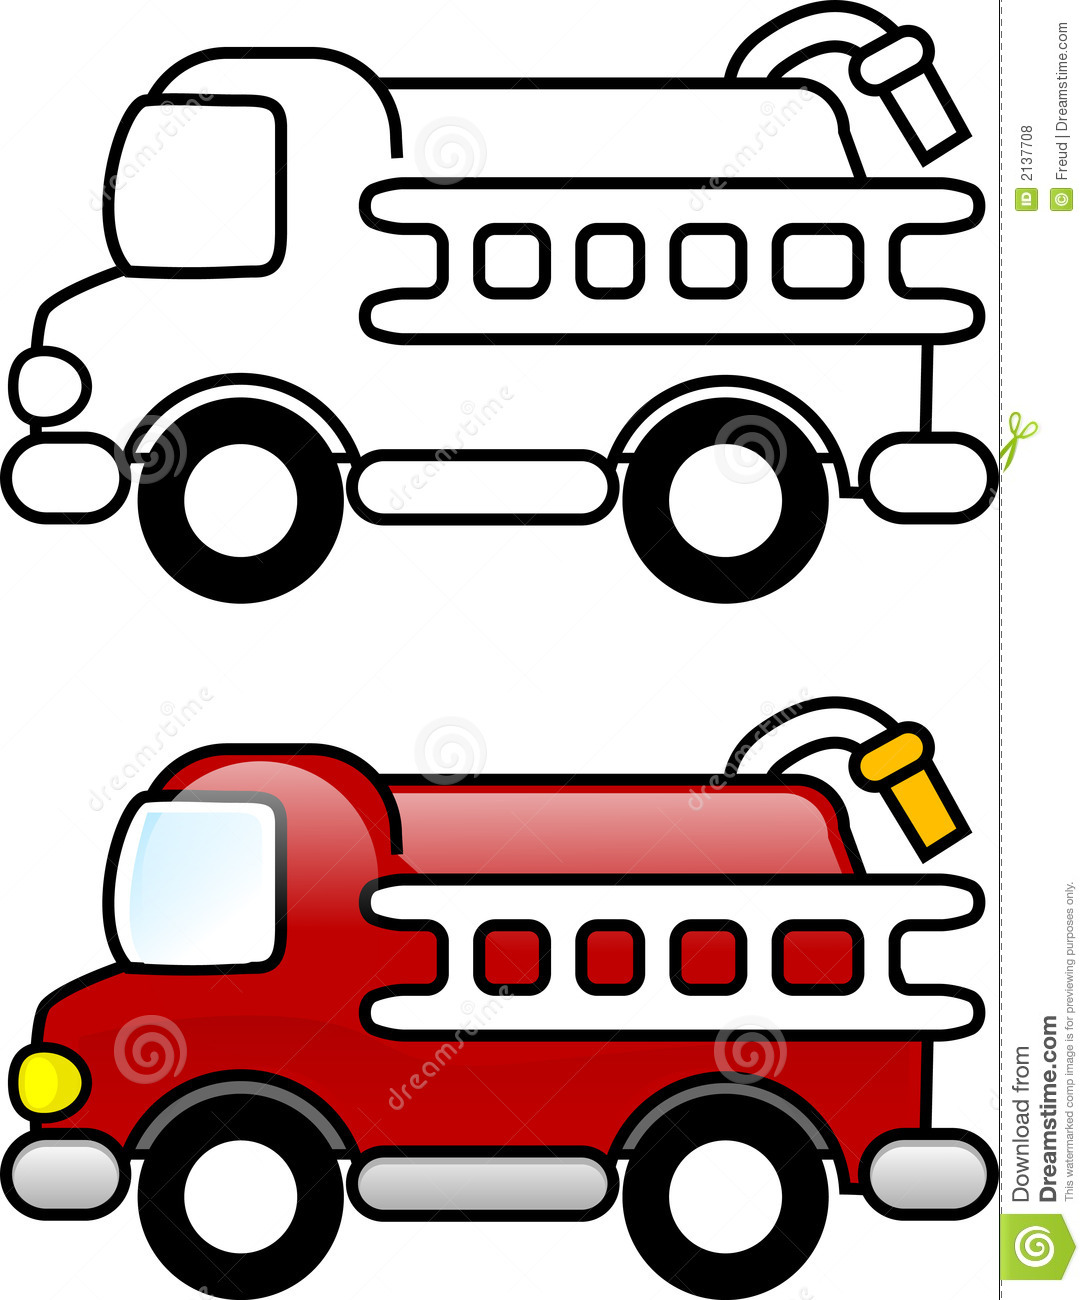 Fire Truck Photographs